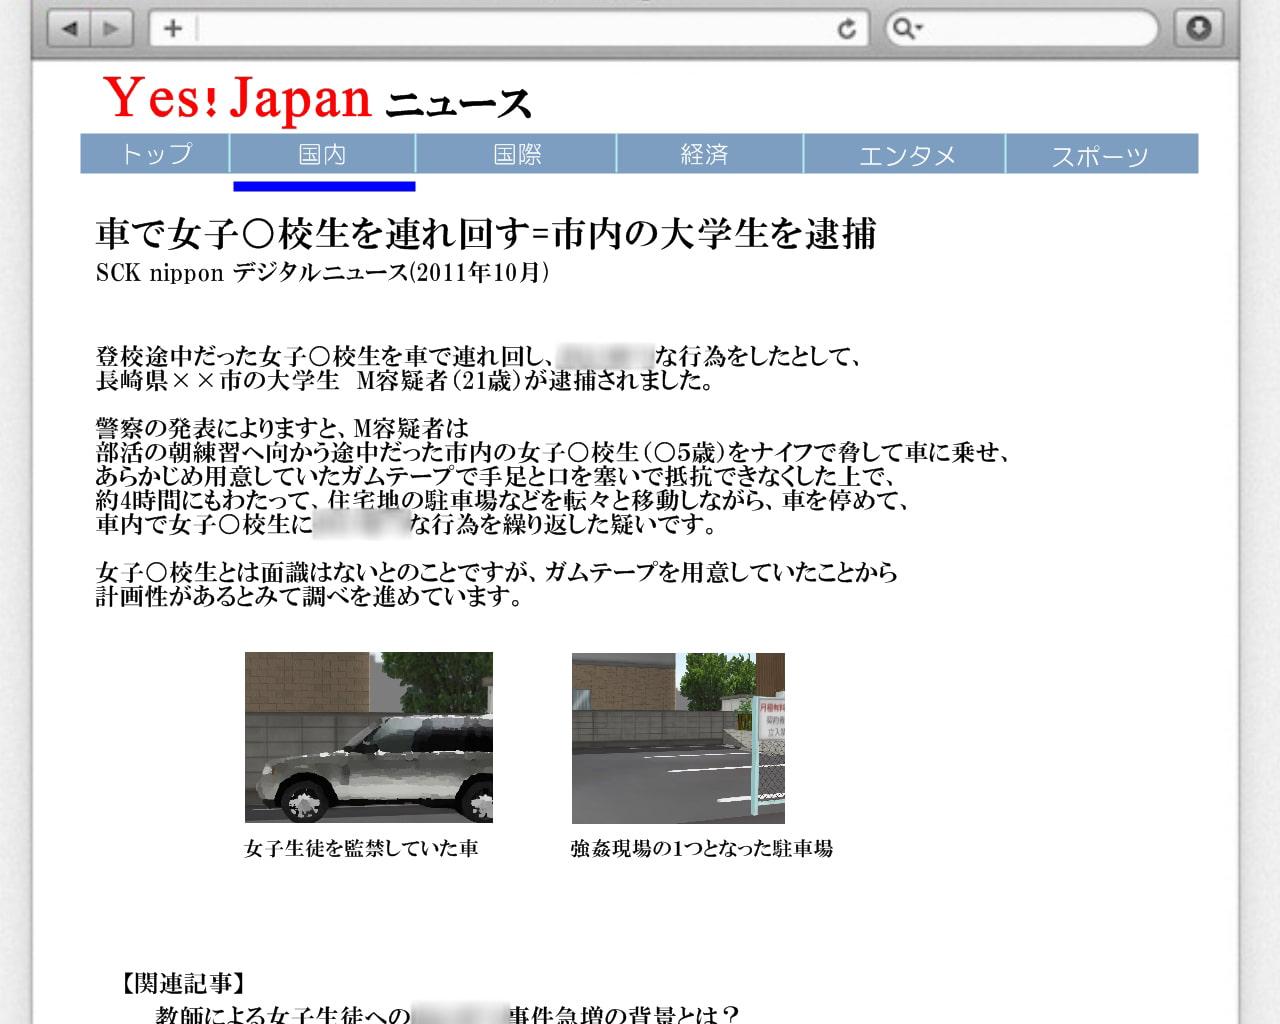 本当にあったかも知れない日本の性犯罪事件(2) ~狙われた女子学生たちの粘膜~